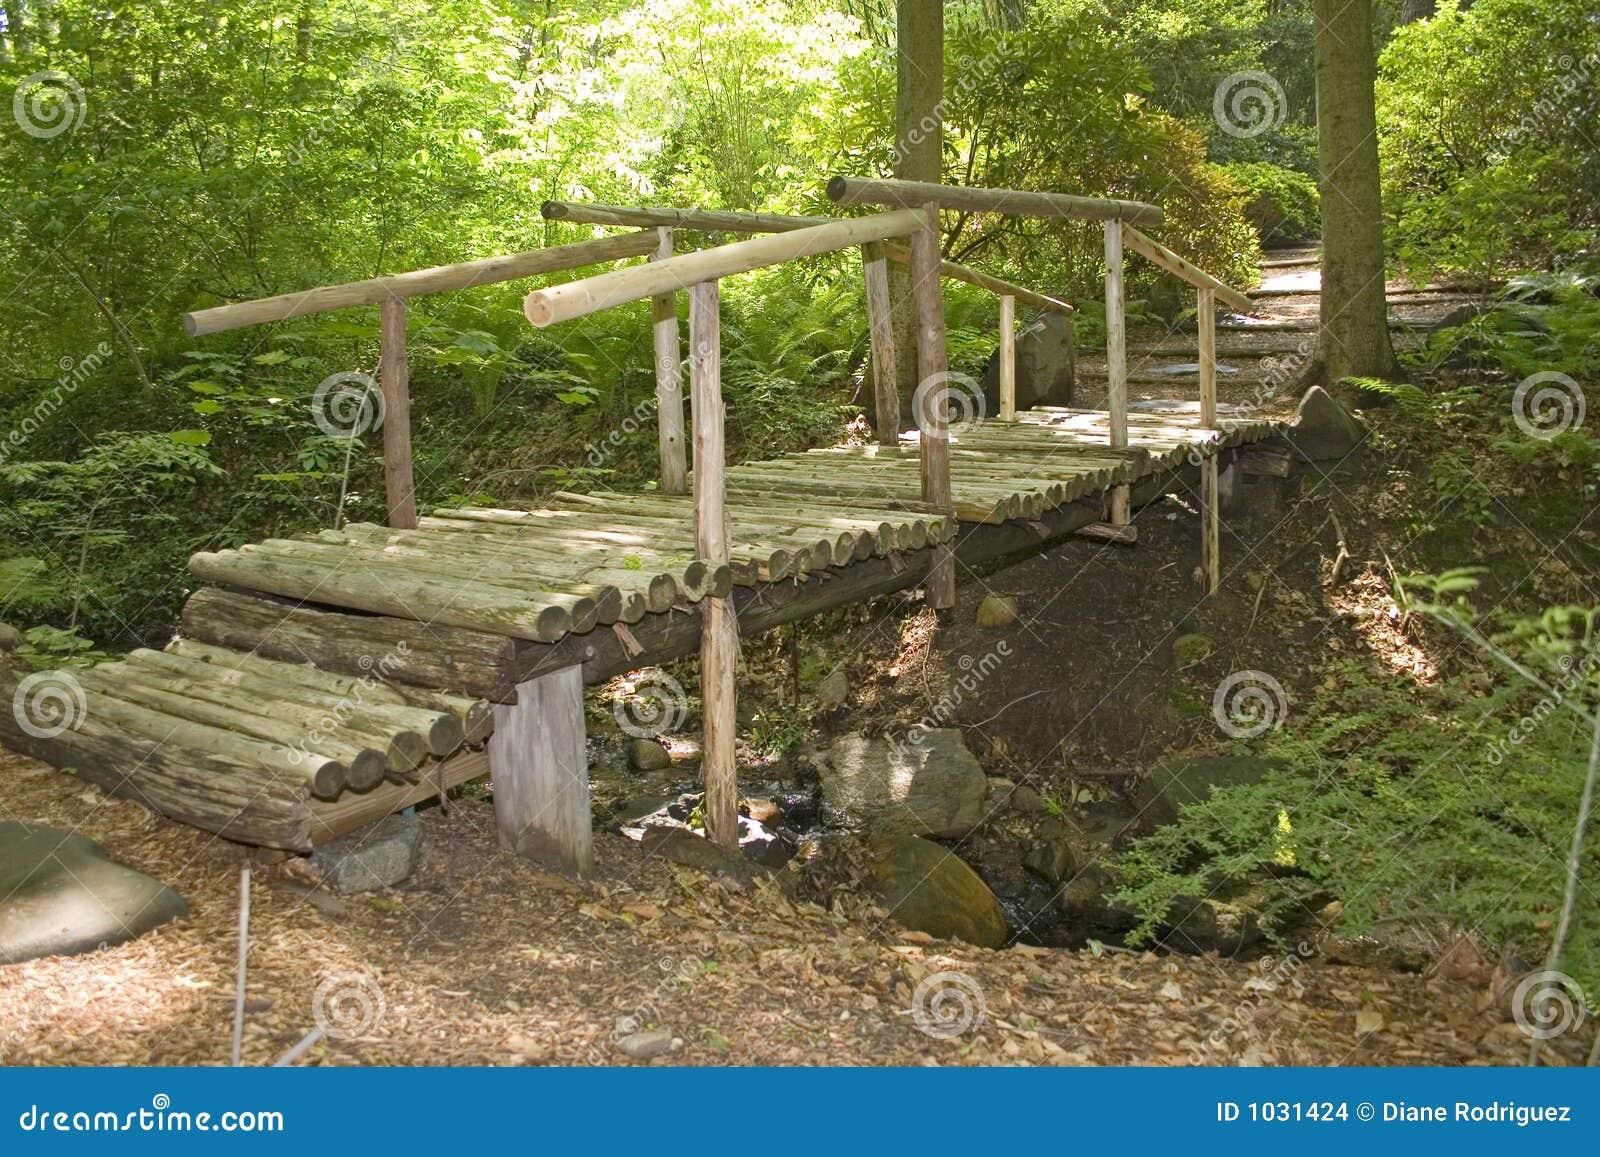 une passerelle en bois dans un jardin japonais photo stock image 1031424. Black Bedroom Furniture Sets. Home Design Ideas